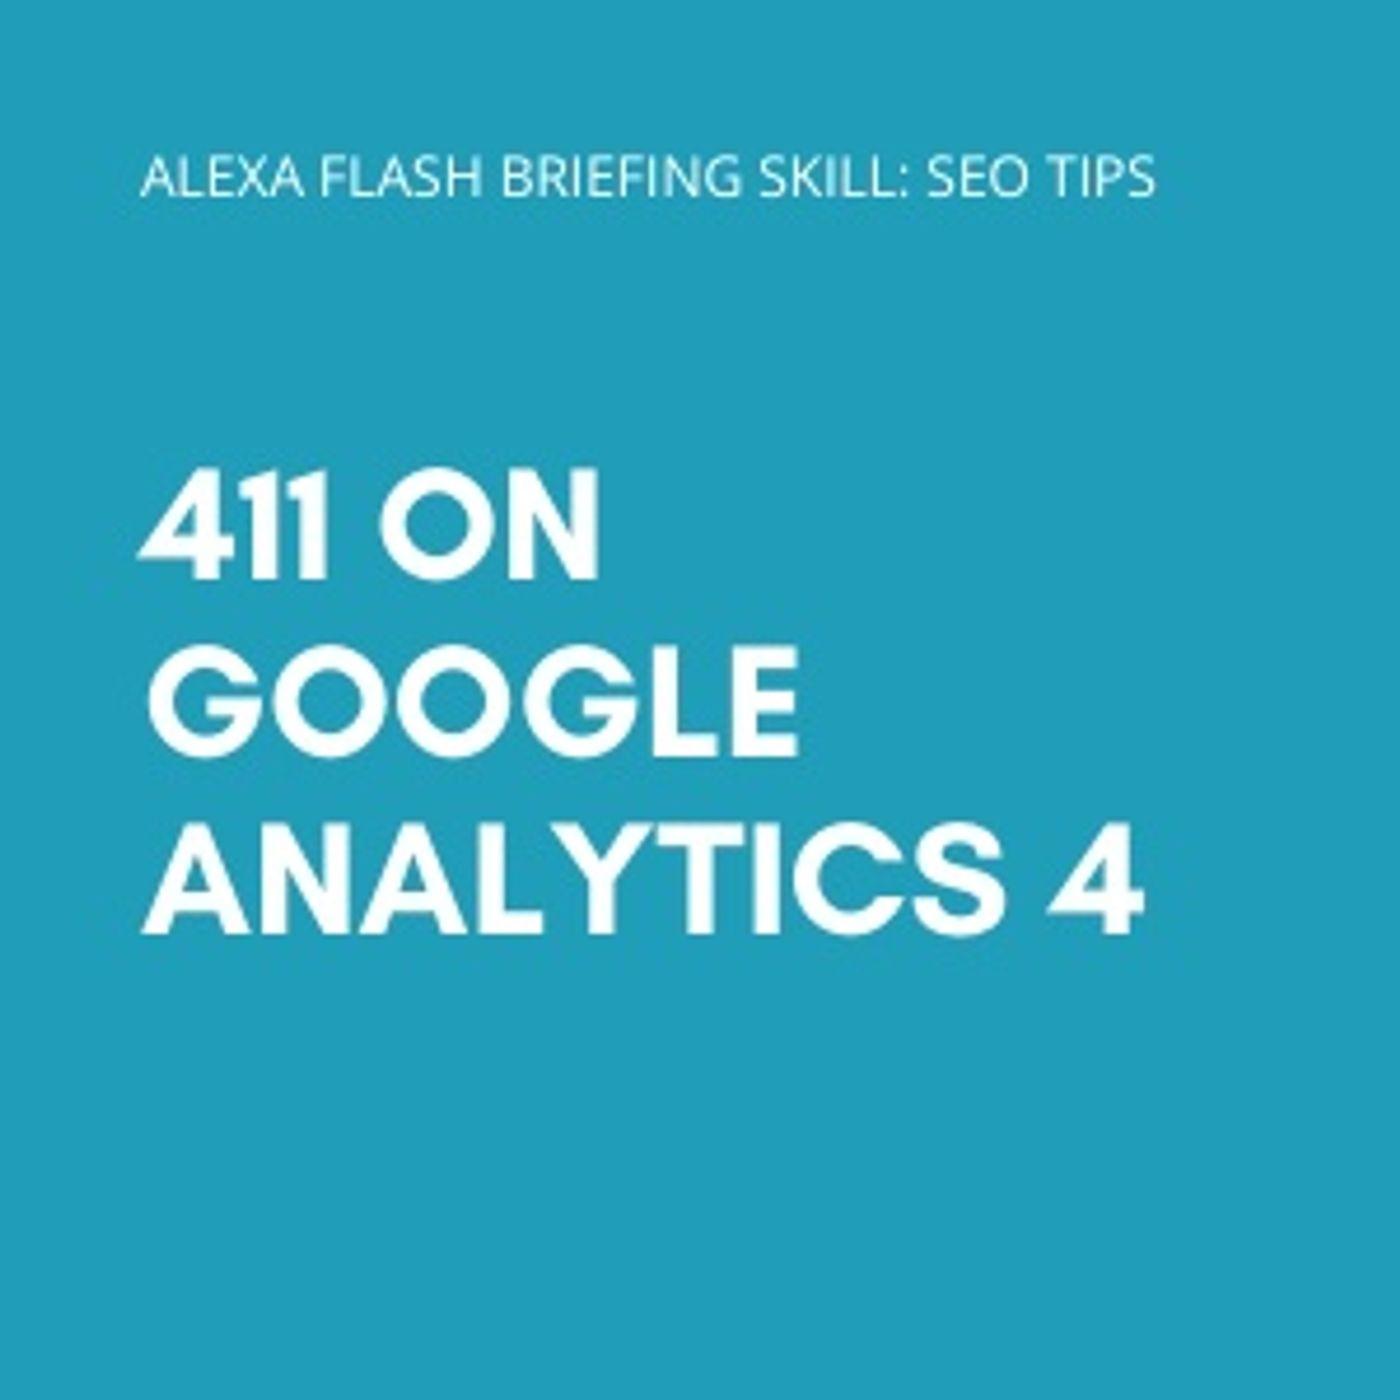 411 on Google Analytics 4